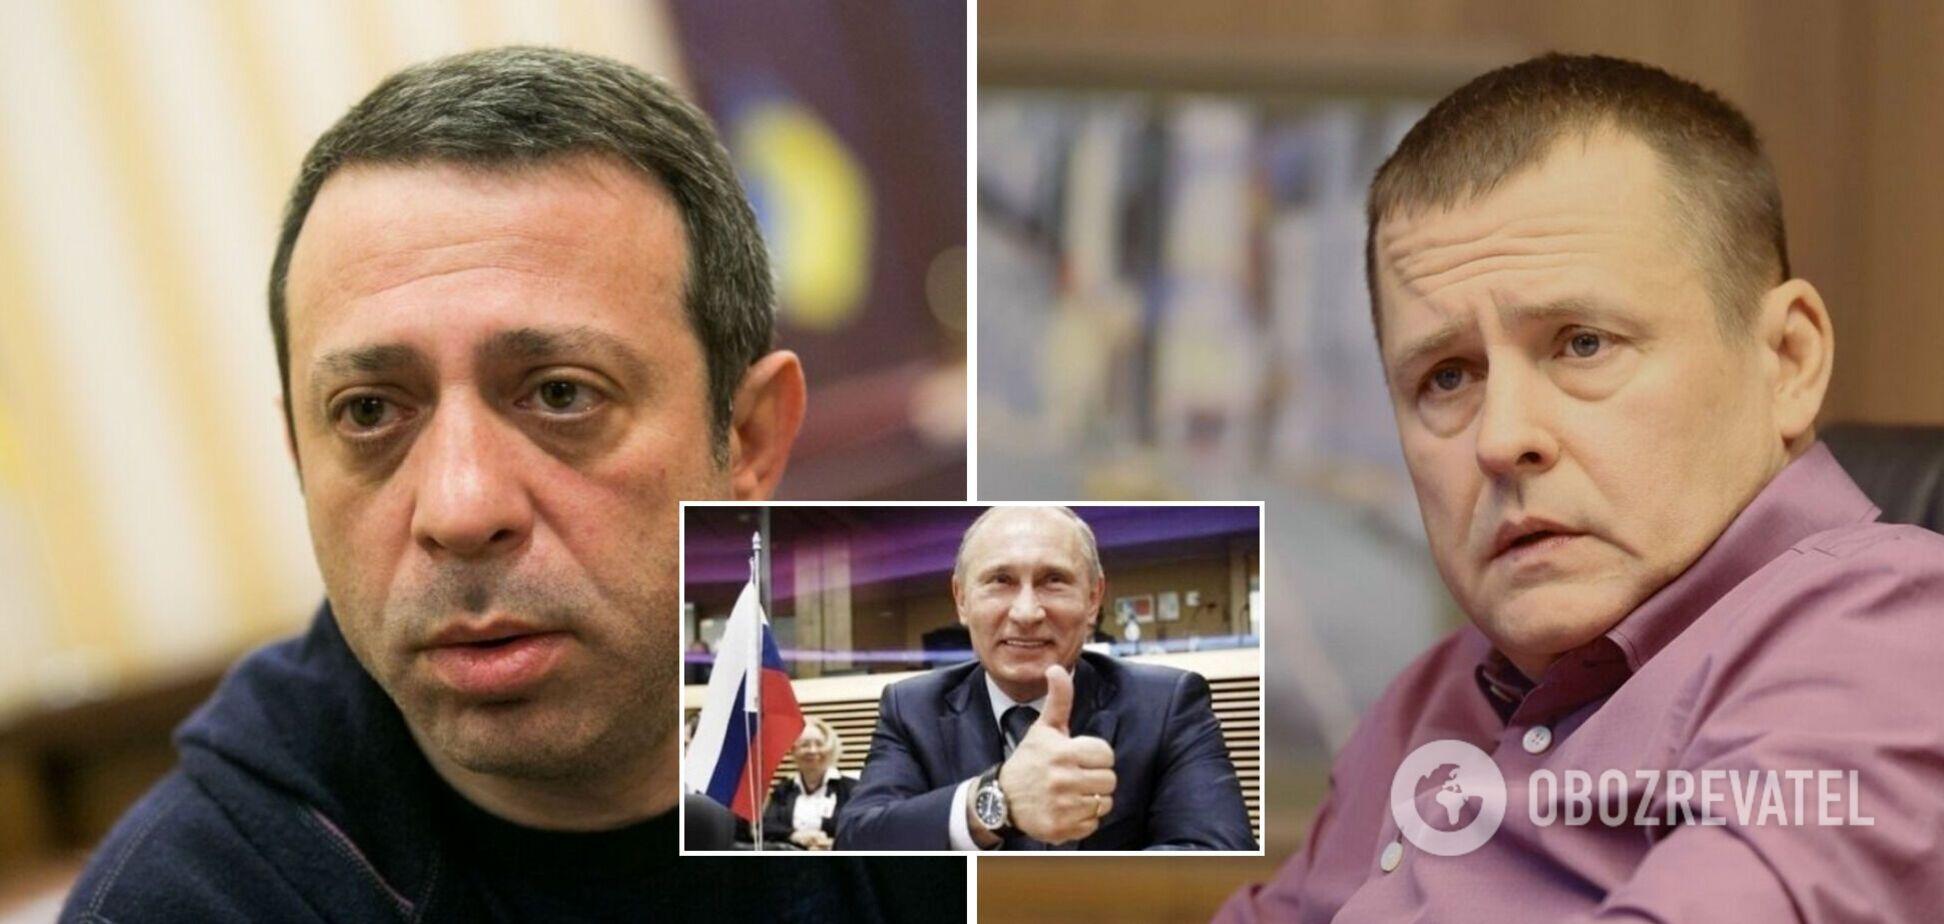 У Росії визнали заслуги Філатова і Корбана в боротьбі за Україну